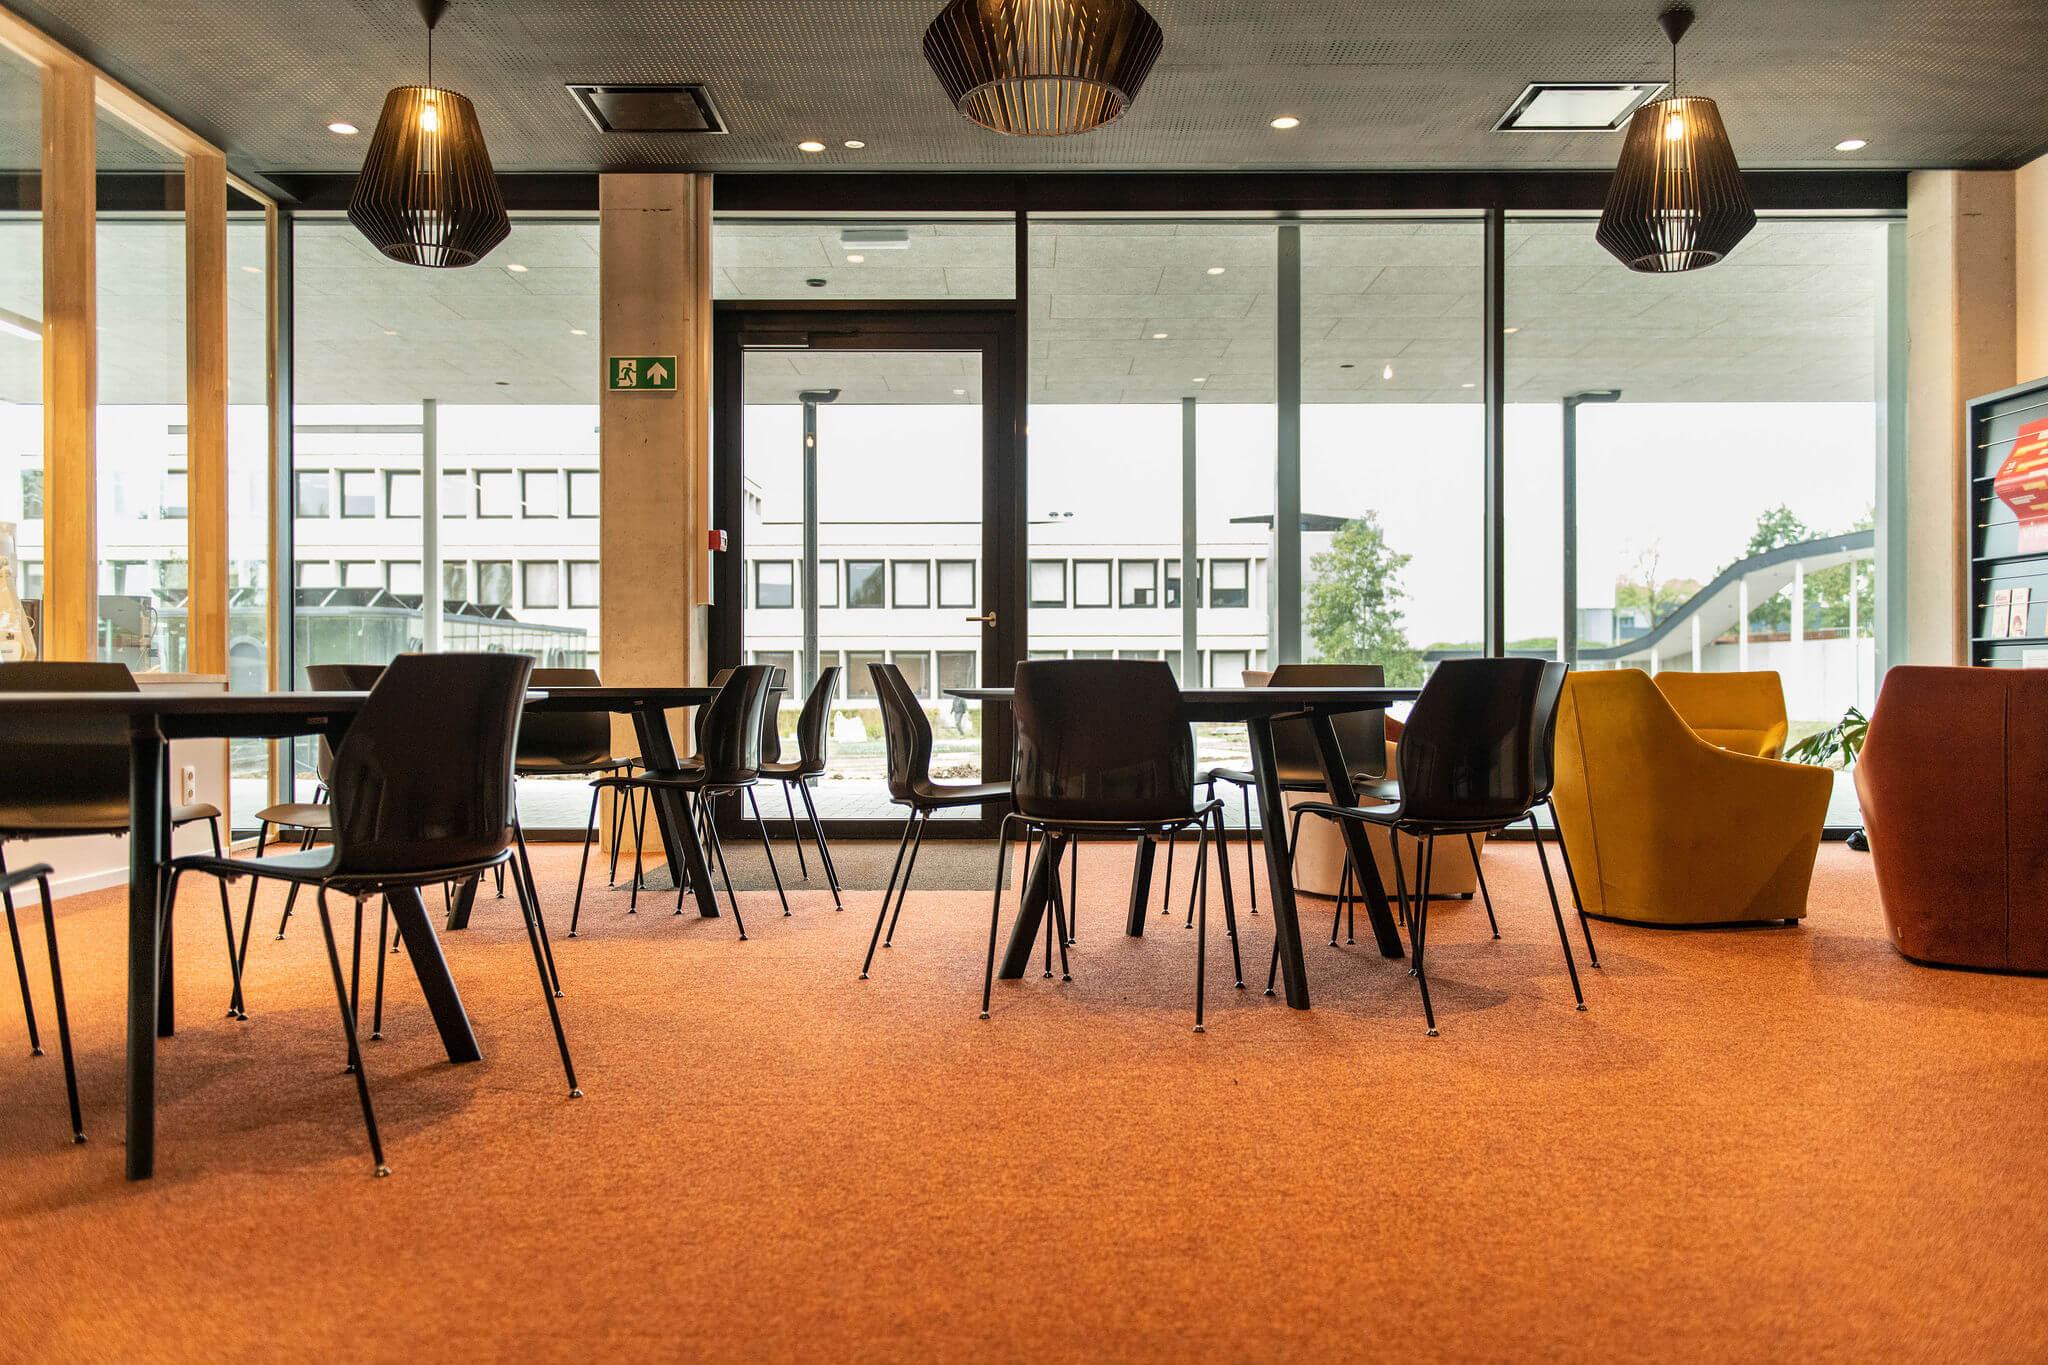 Lerarenkamer Vives Kortrijk met tafels en zwarte Kalea stoelen, vergezeld van een zithoek met Chic fauteuils